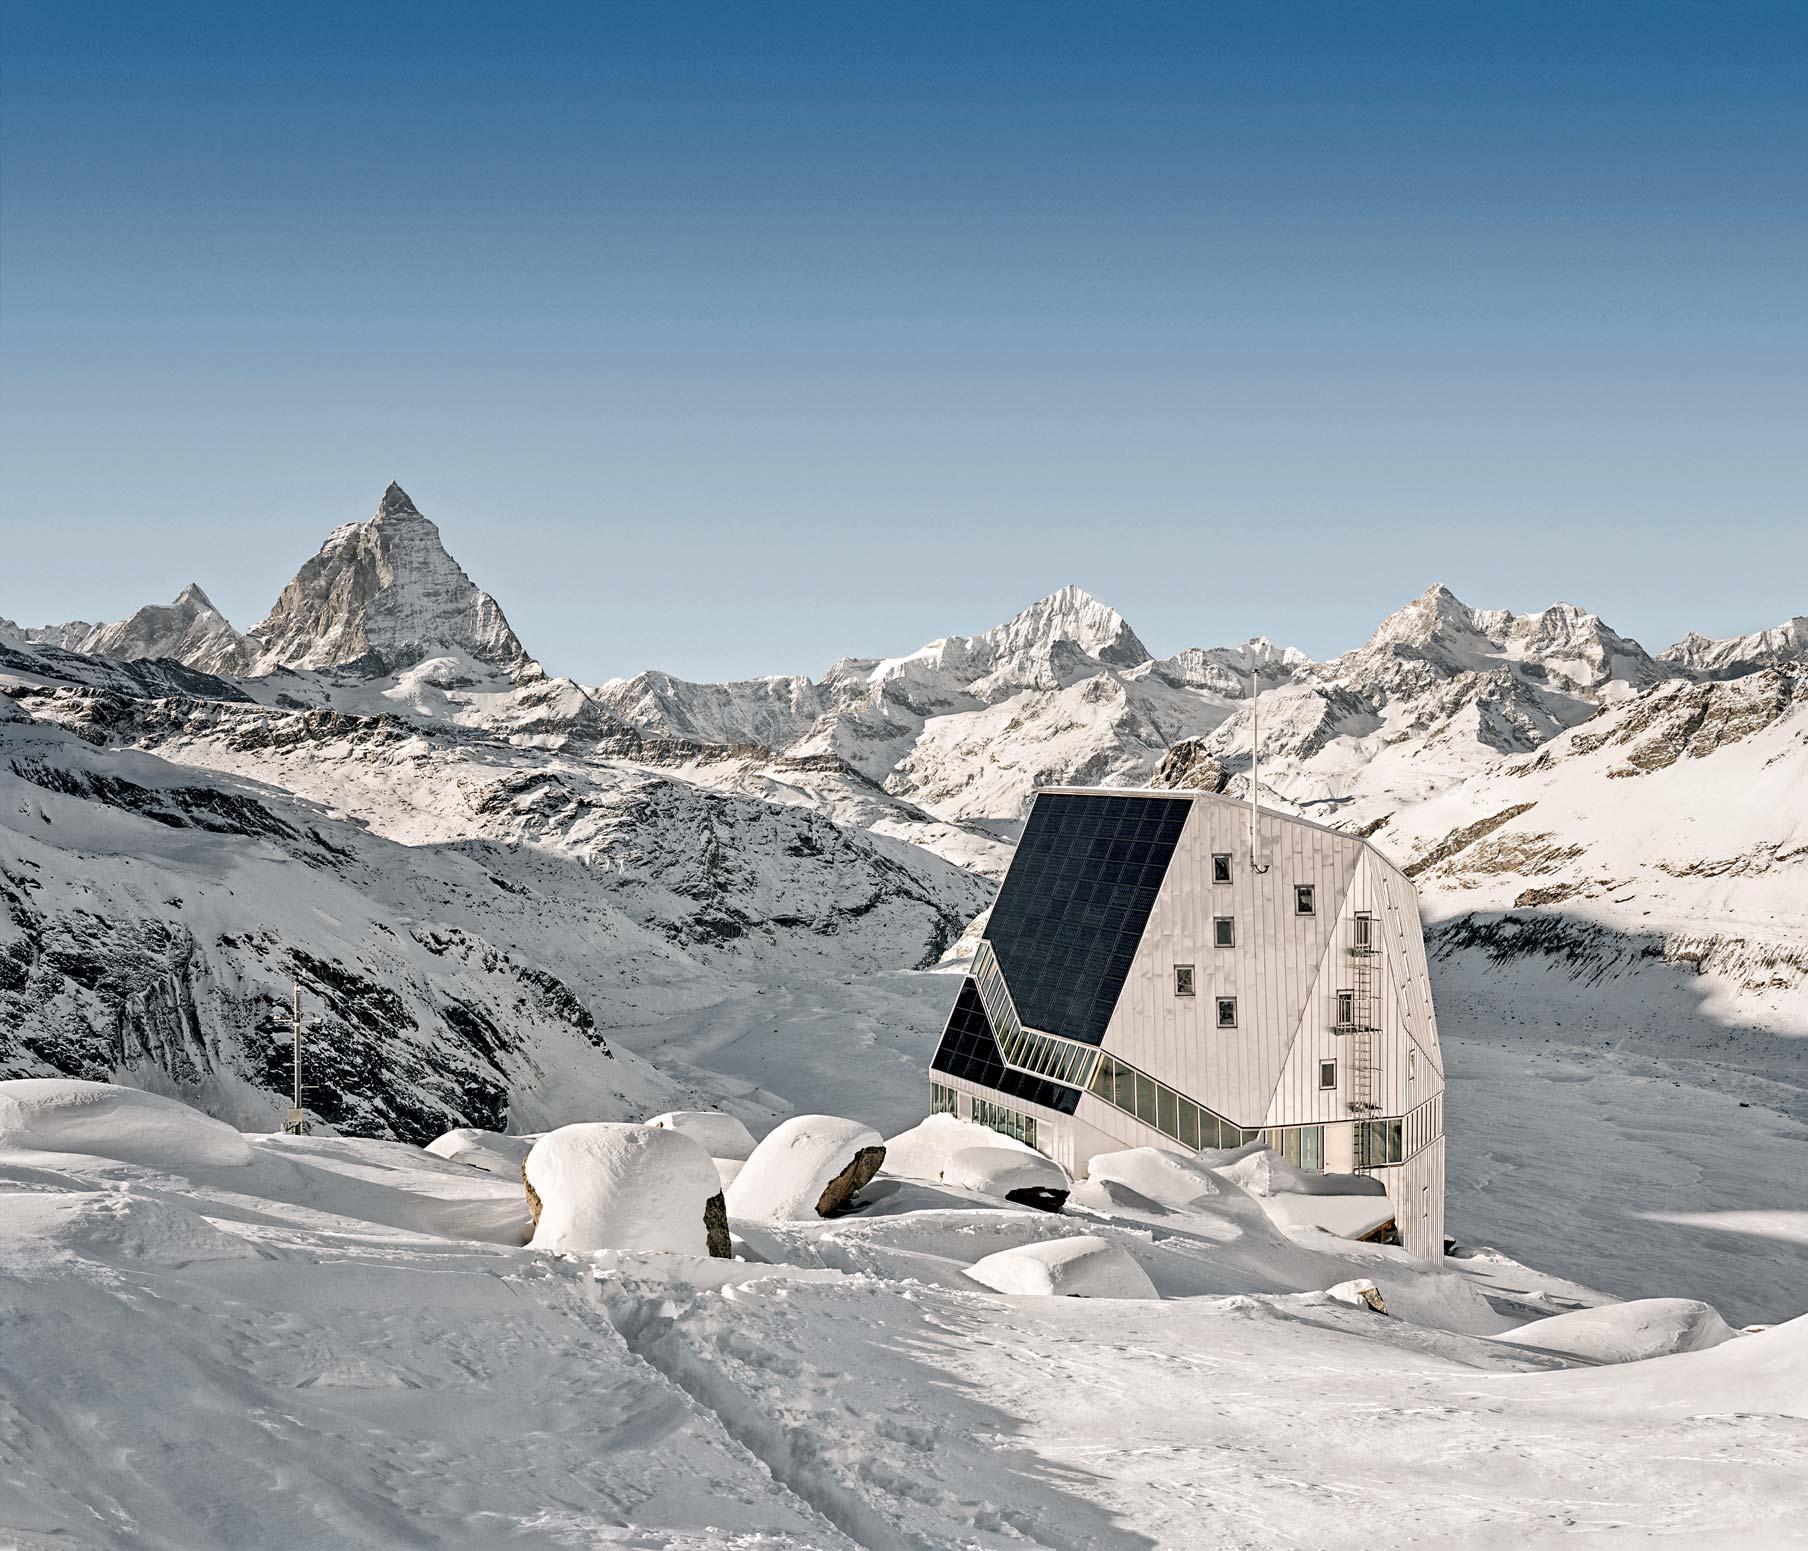 rifugio sul Monte Rosa nella località di Zeimatt, 2009